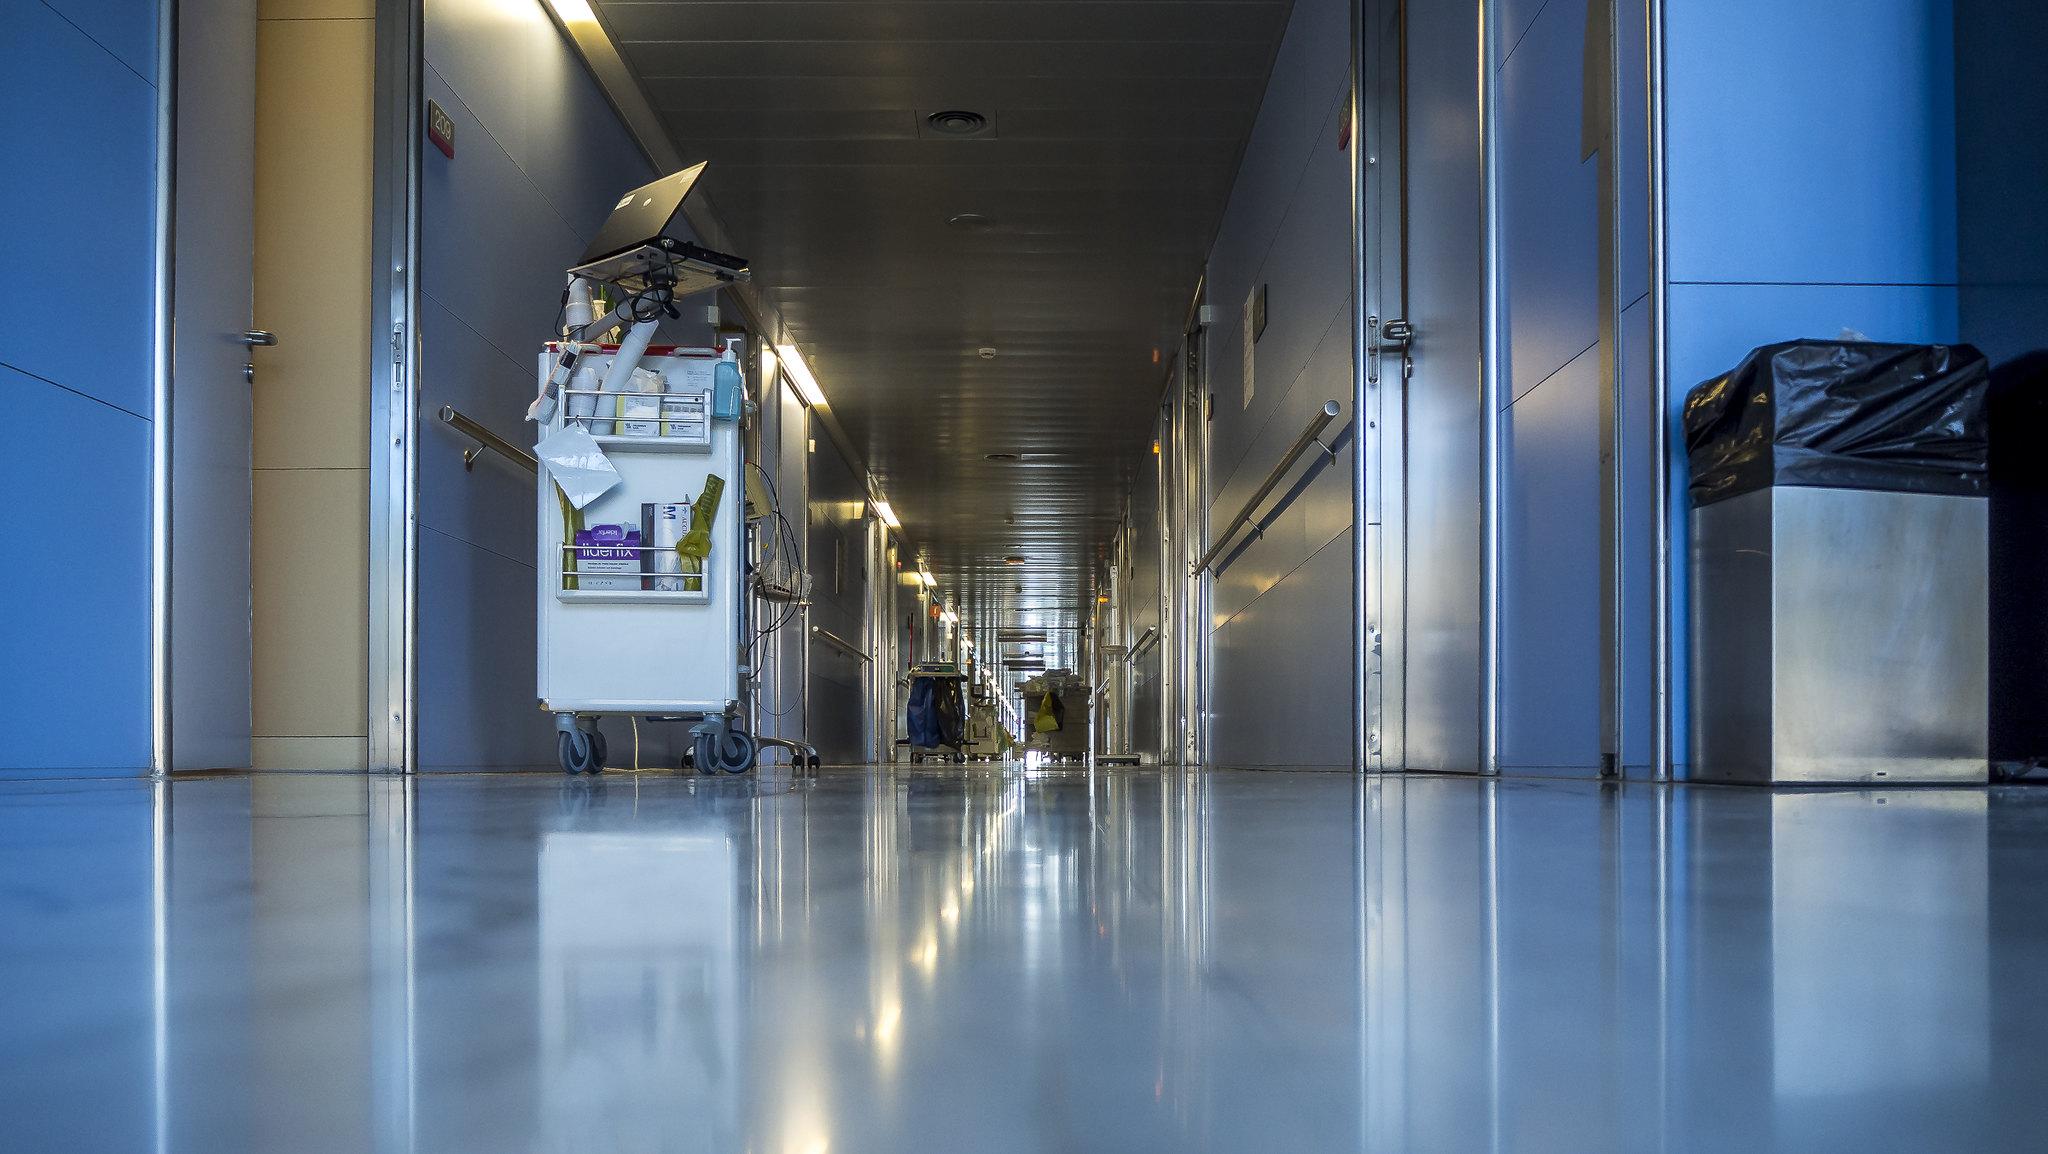 疫情期間強迫基調,負時數累積跟肝指數一樣高,護理師還是只能含淚吞!-COVID-19